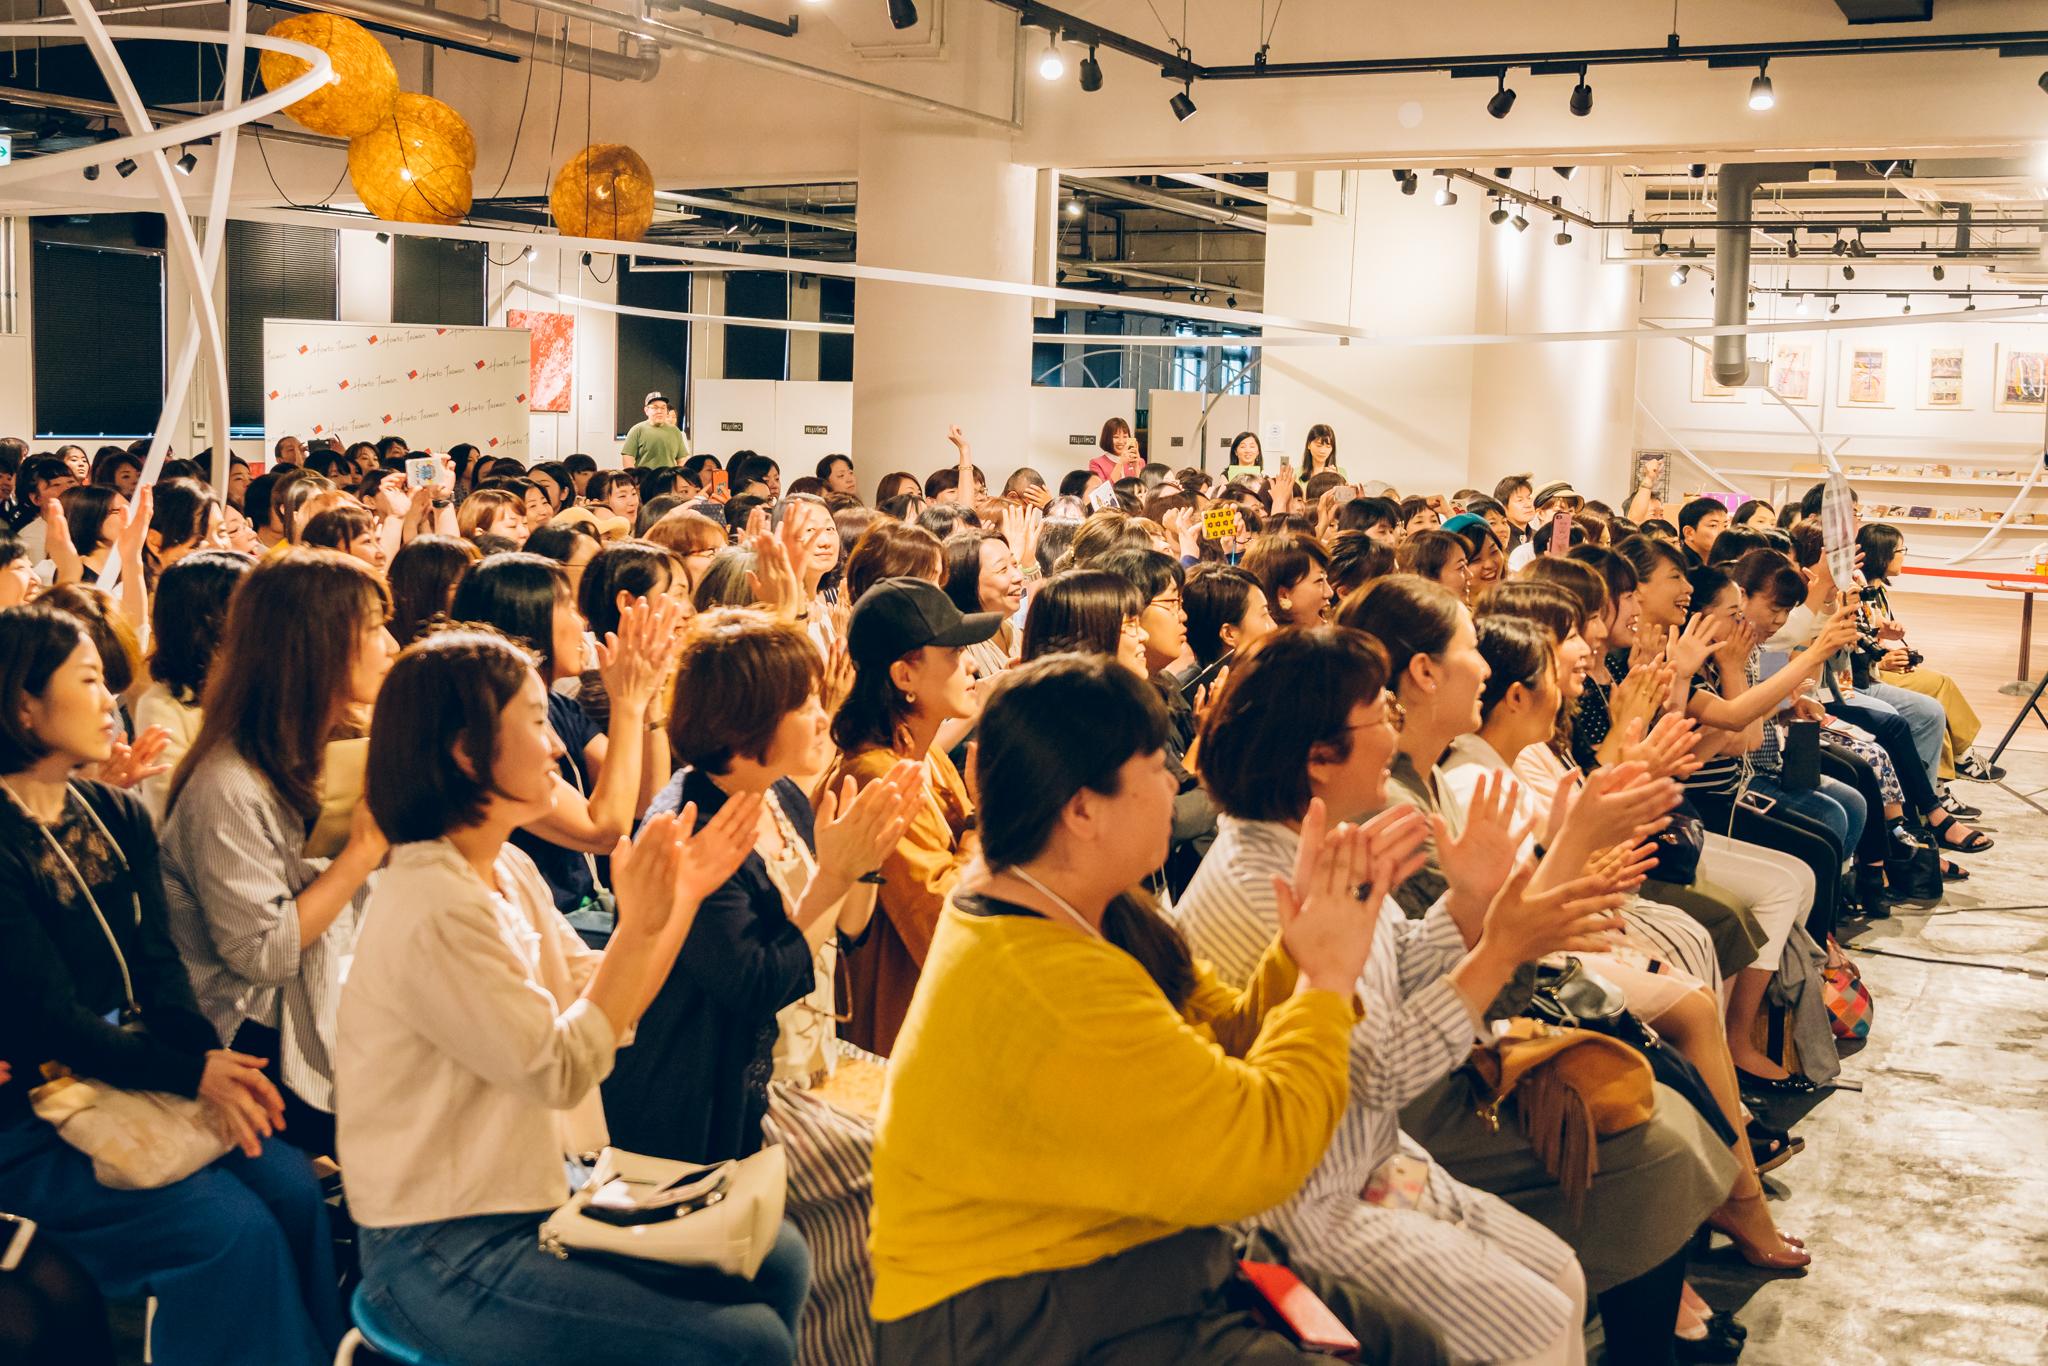 【イベントレポート】台湾女子ナイト2018 in 神戸!「宇宙人(Cosmos People)」トークショーの全内容をお届け♪